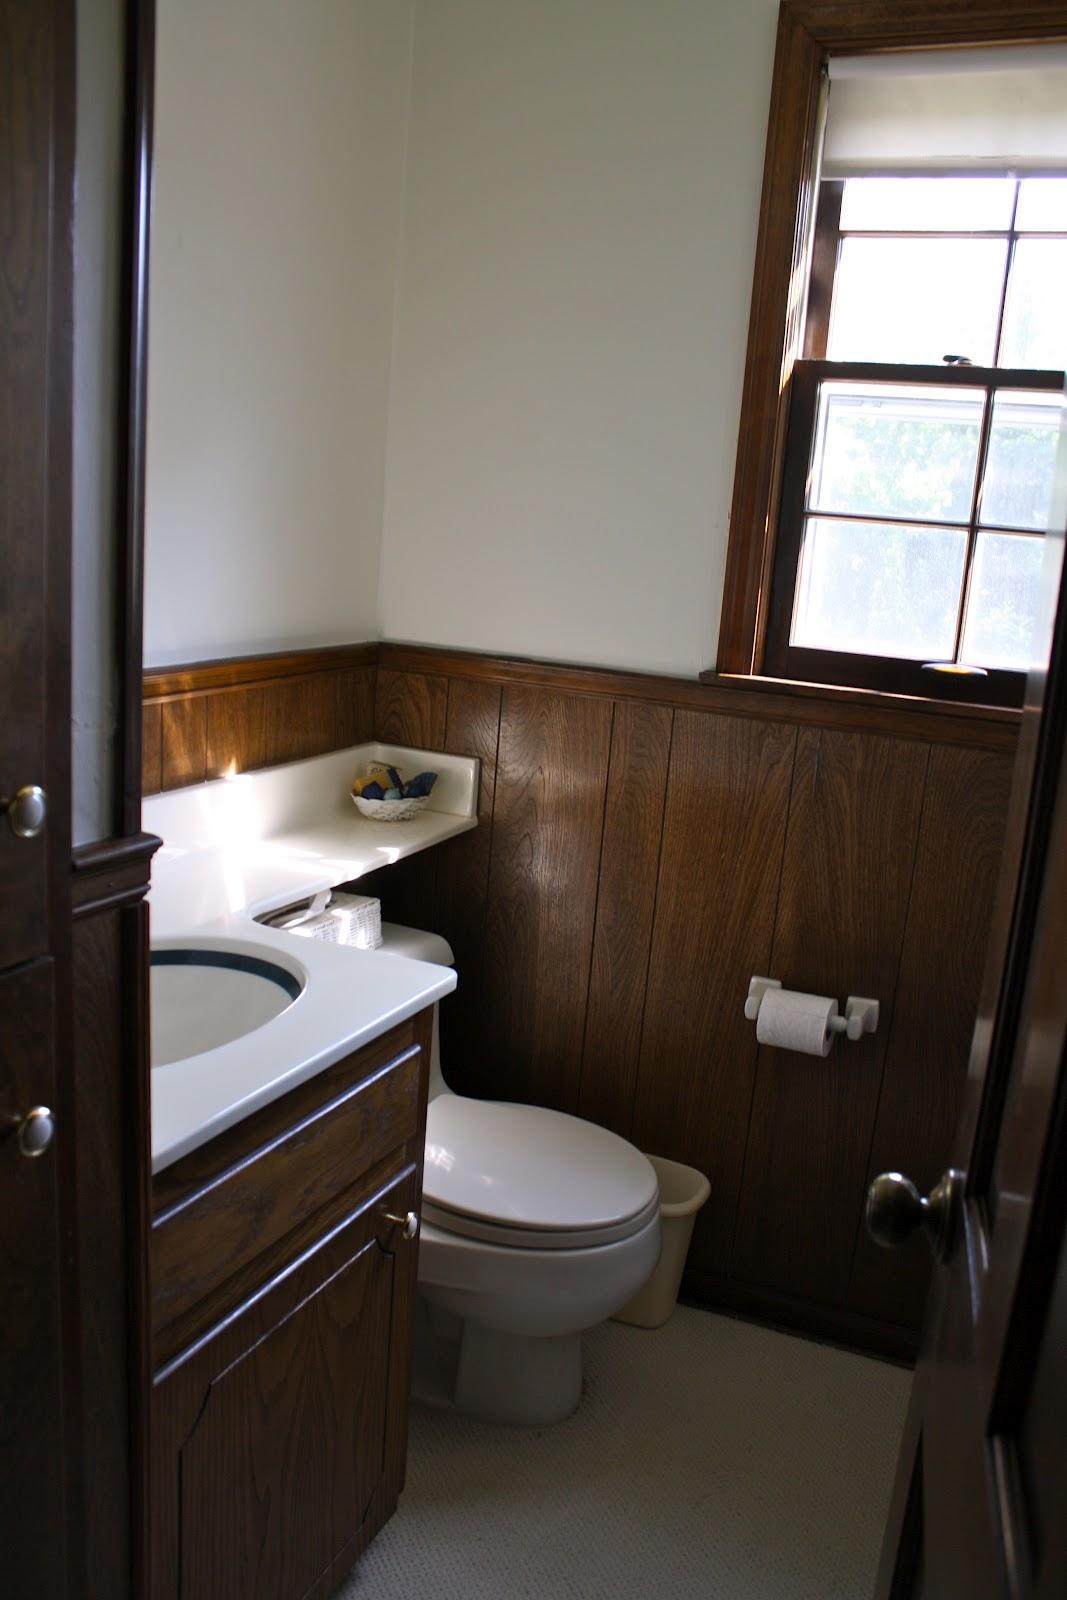 Diy bathroom remodel julie blanner - Half bathroom remodel ideas ...